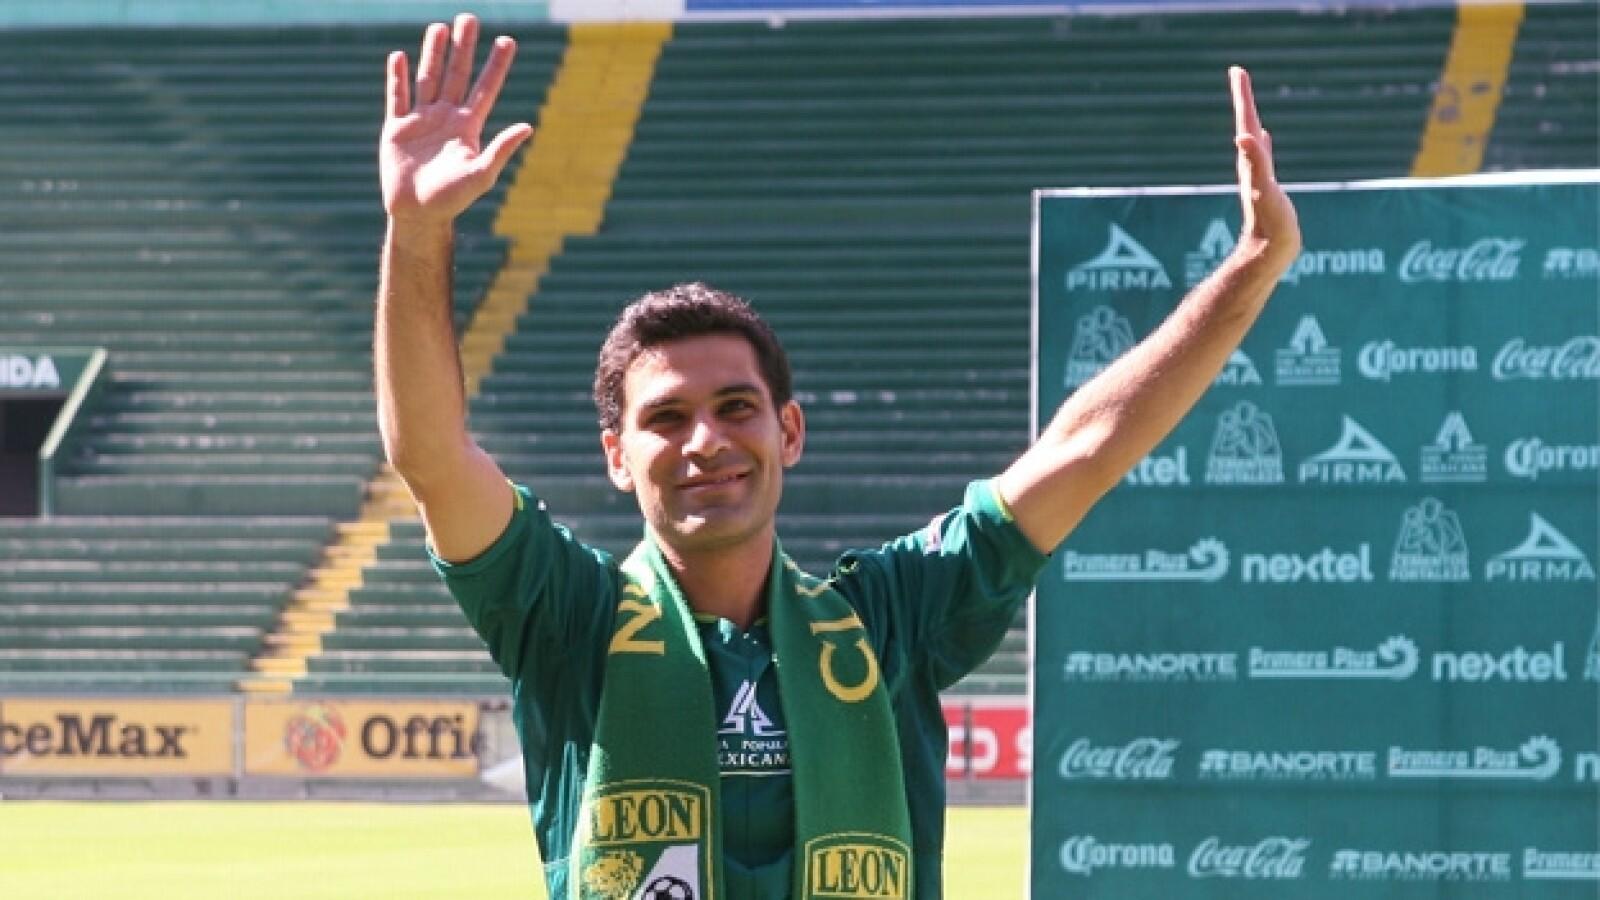 Rafael Márquez - León